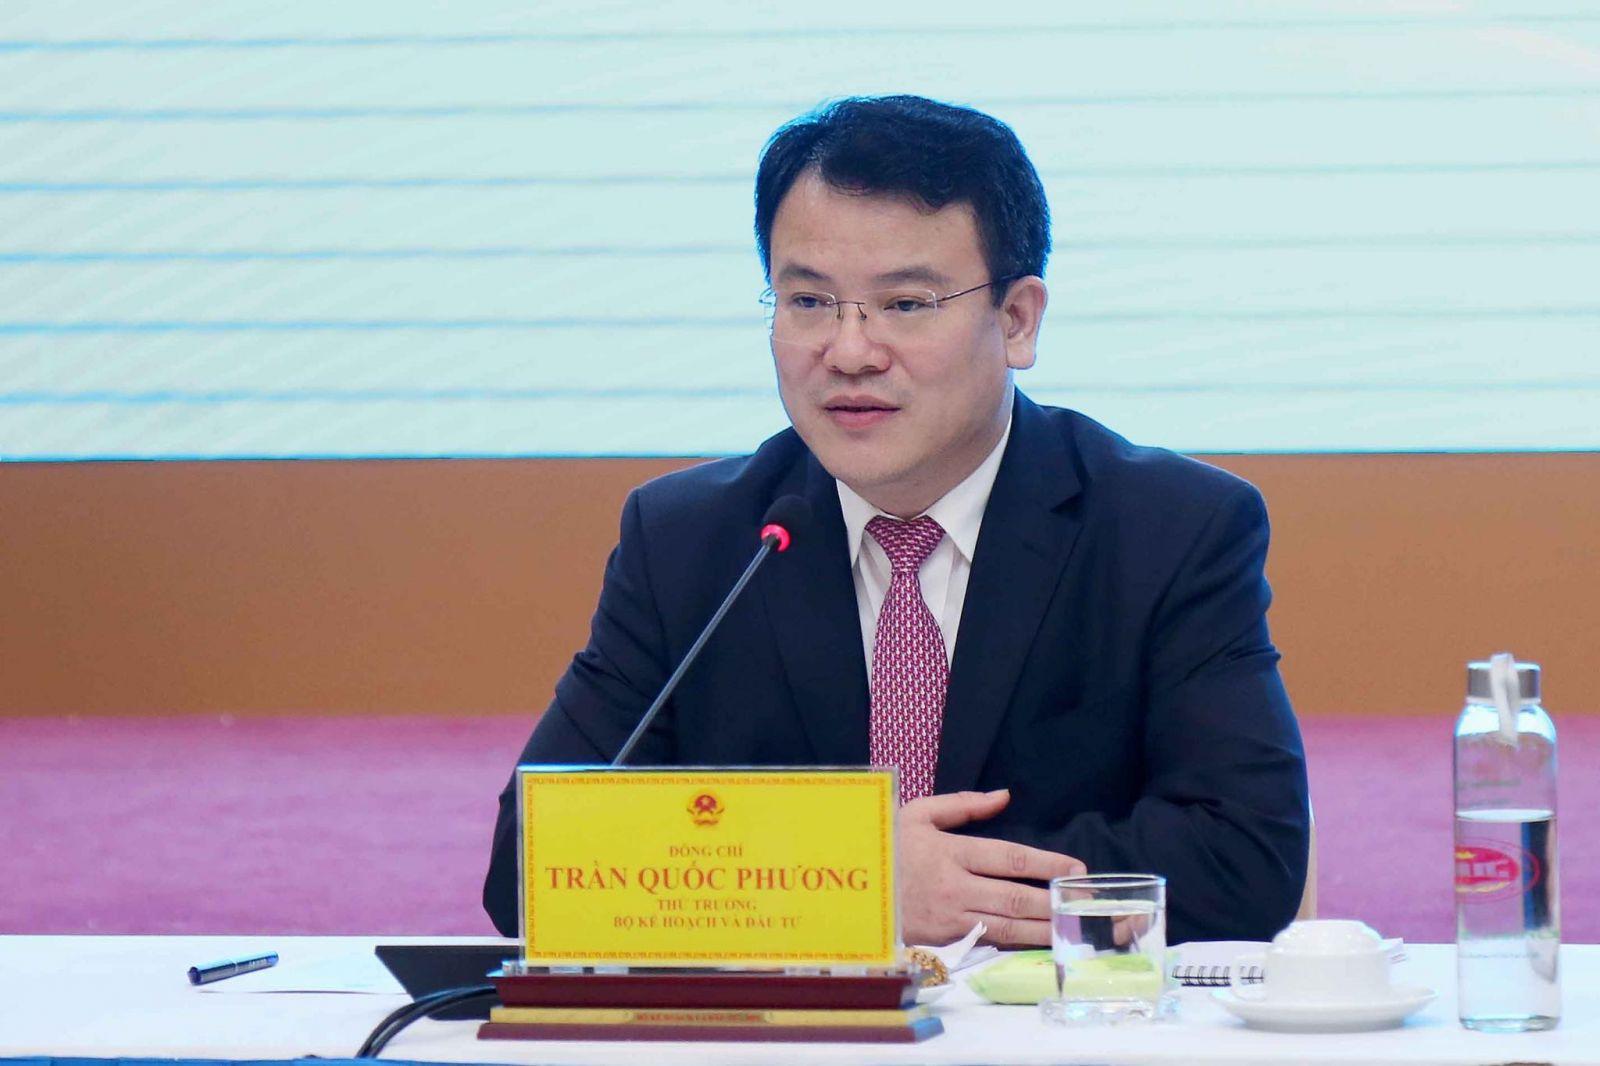 Thứ trưởng Trần Quốc Phương